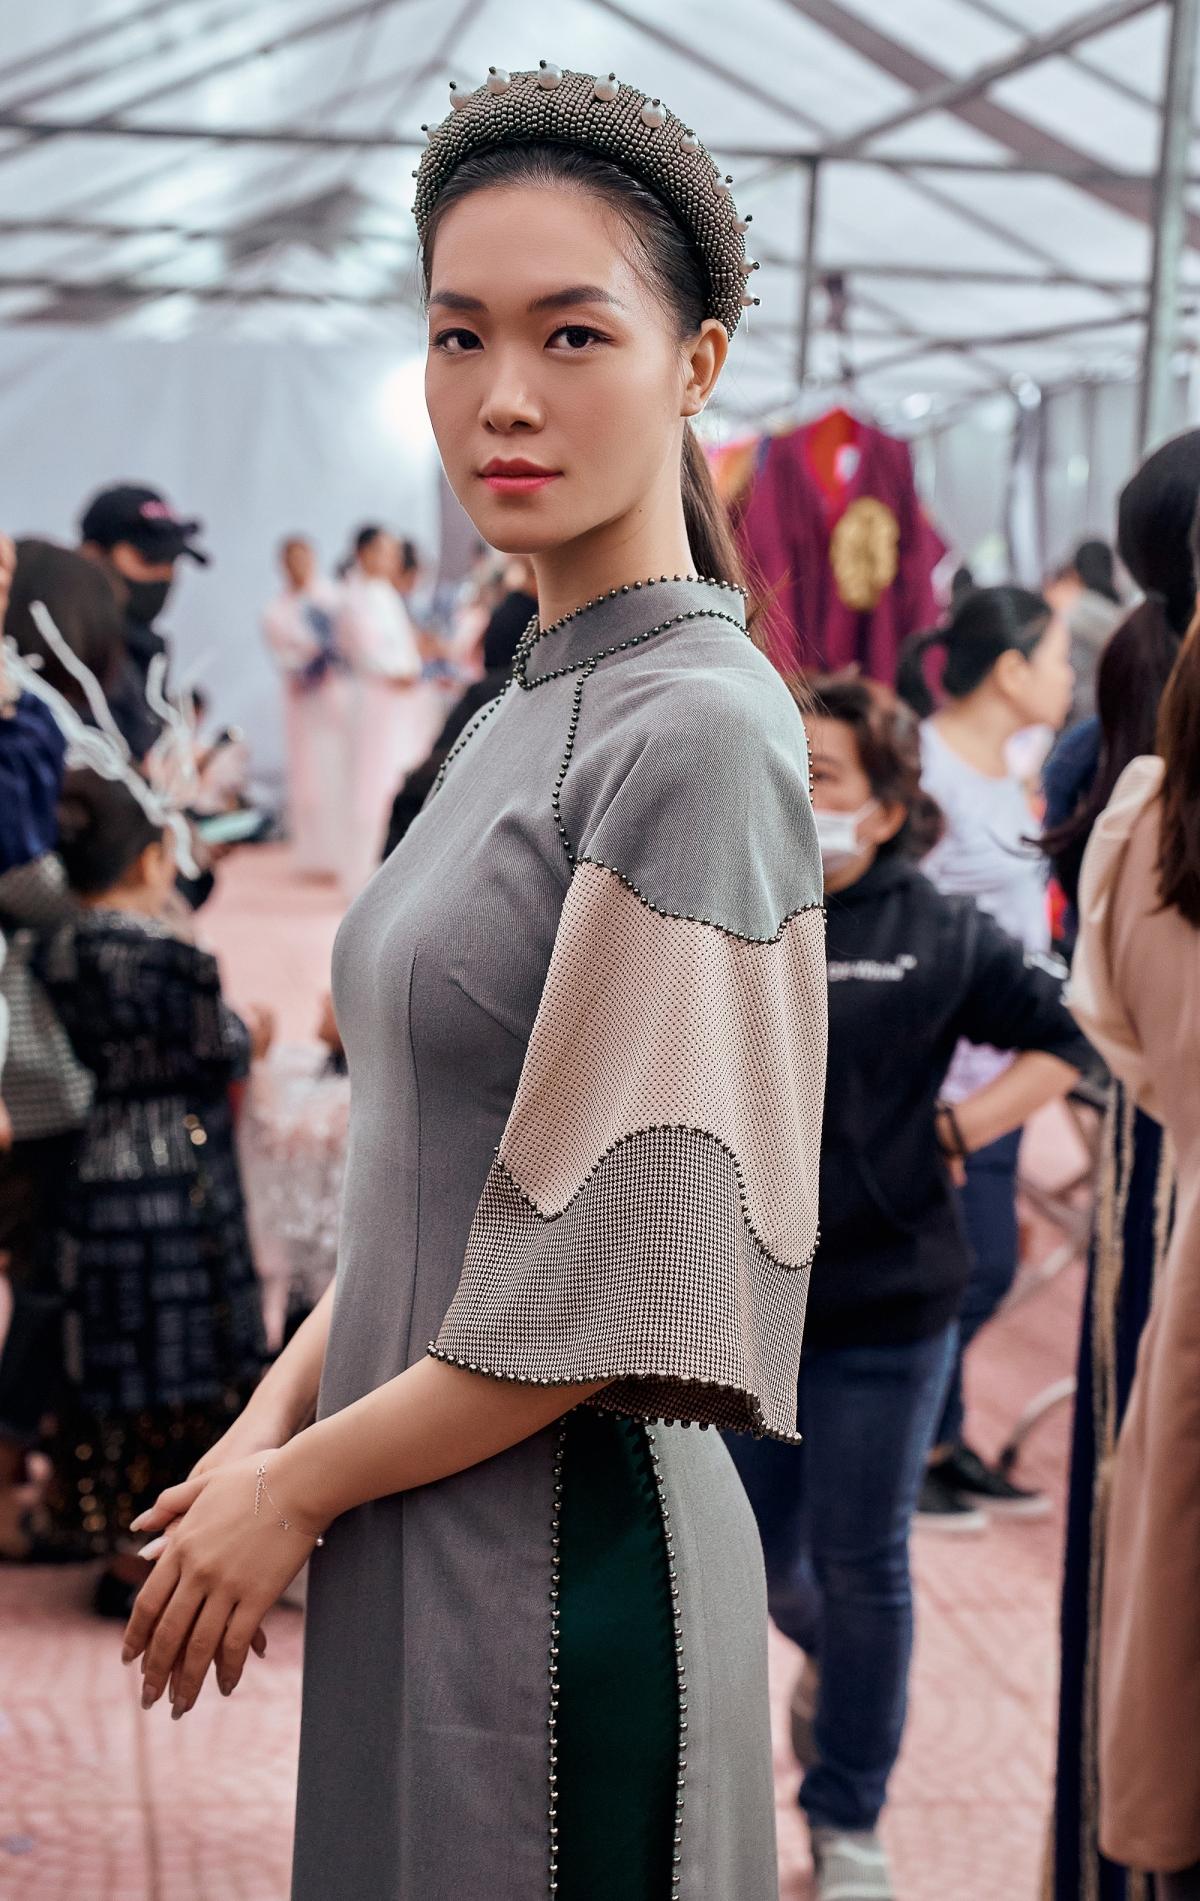 Đây là lần hiếm hoi Hoa hậu tham dự trình diễn thời trang. Côhiện đang định cư tại Mỹ nhưng thỉnh thoảng vẫn trở về Việt Nam.